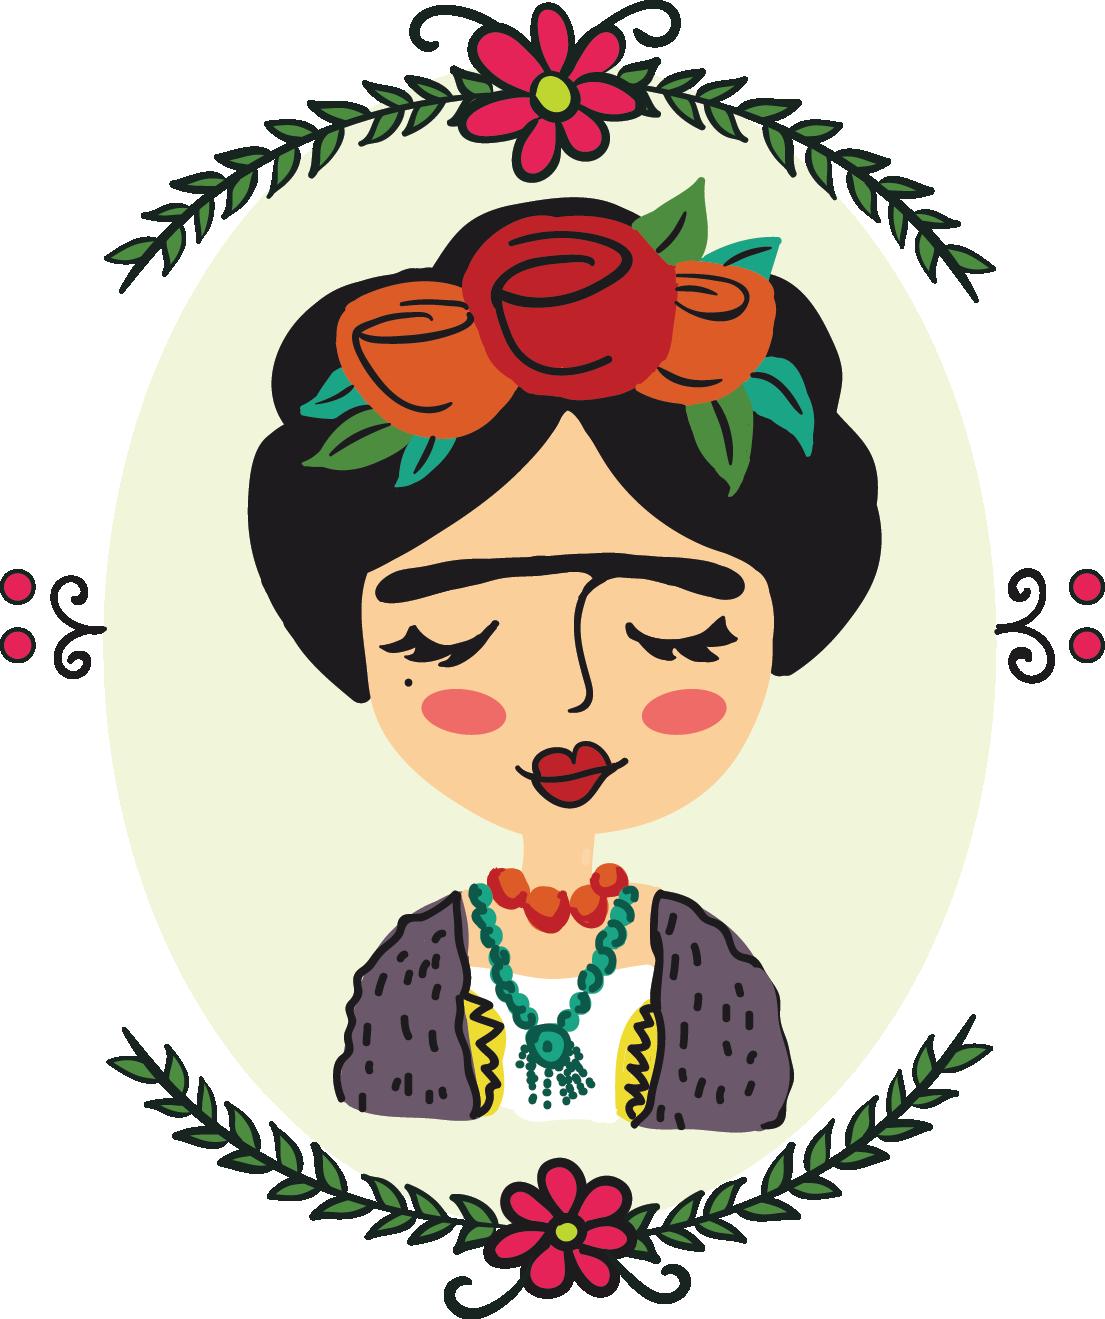 Frida Kahlo Illustration On Behance Ilustracoes Estampas De Cartaz Estampas